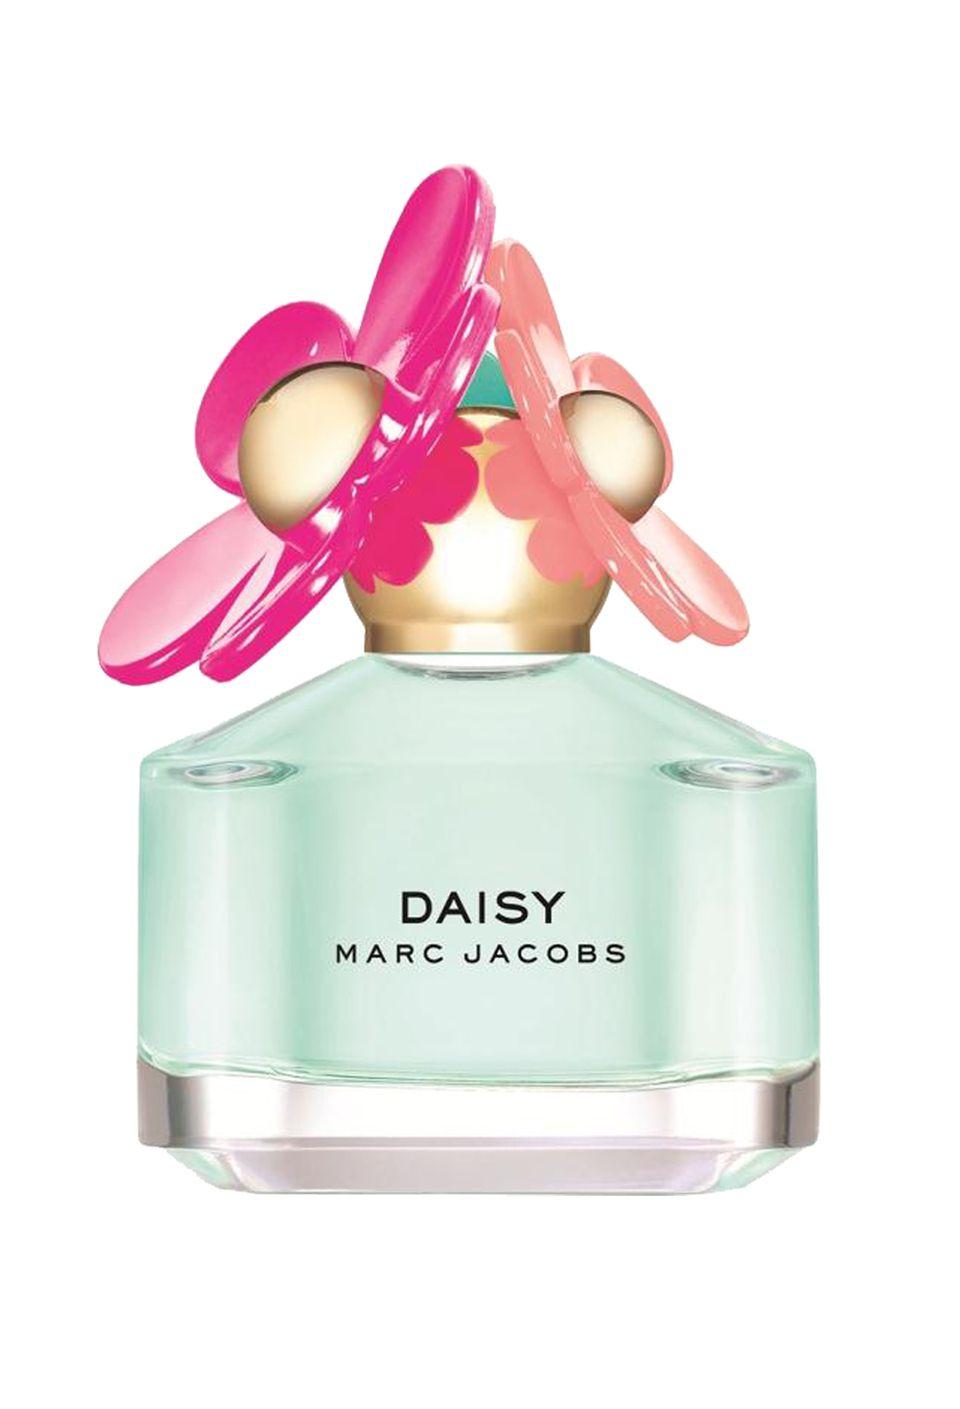 """Quittenblüte und Iris runden die floralen Noten von """"Daisy Delight"""" ab. Von Marc Jacobs, EdT, 50 ml, ca. 70 Euro, limitiert"""